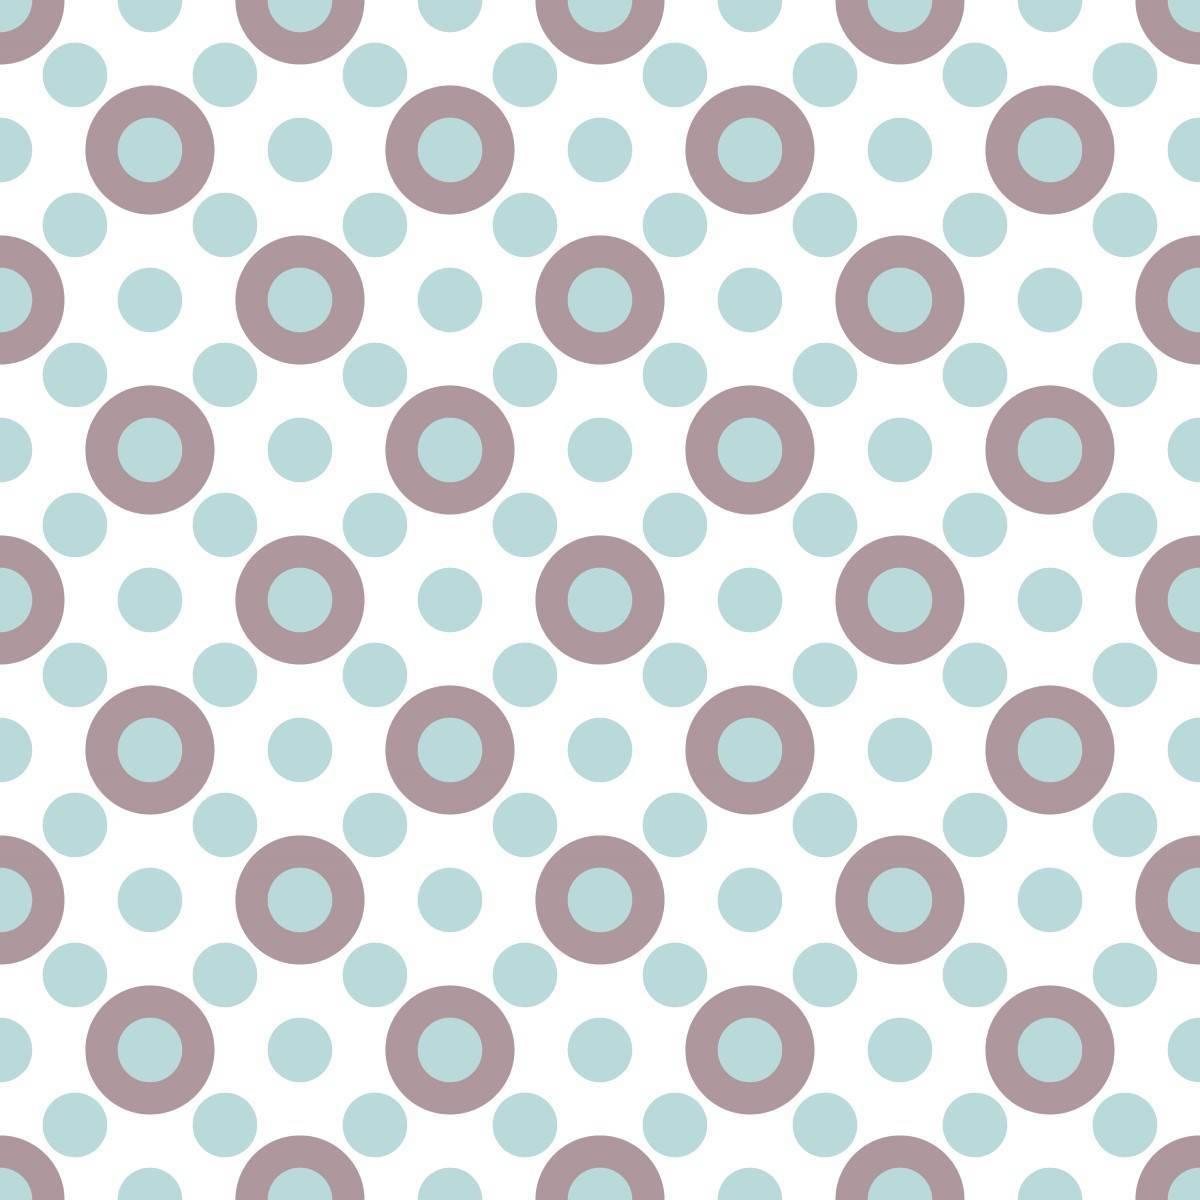 Papel de Parede Adesivo Geométrico Circulos /Rolo imagem 1